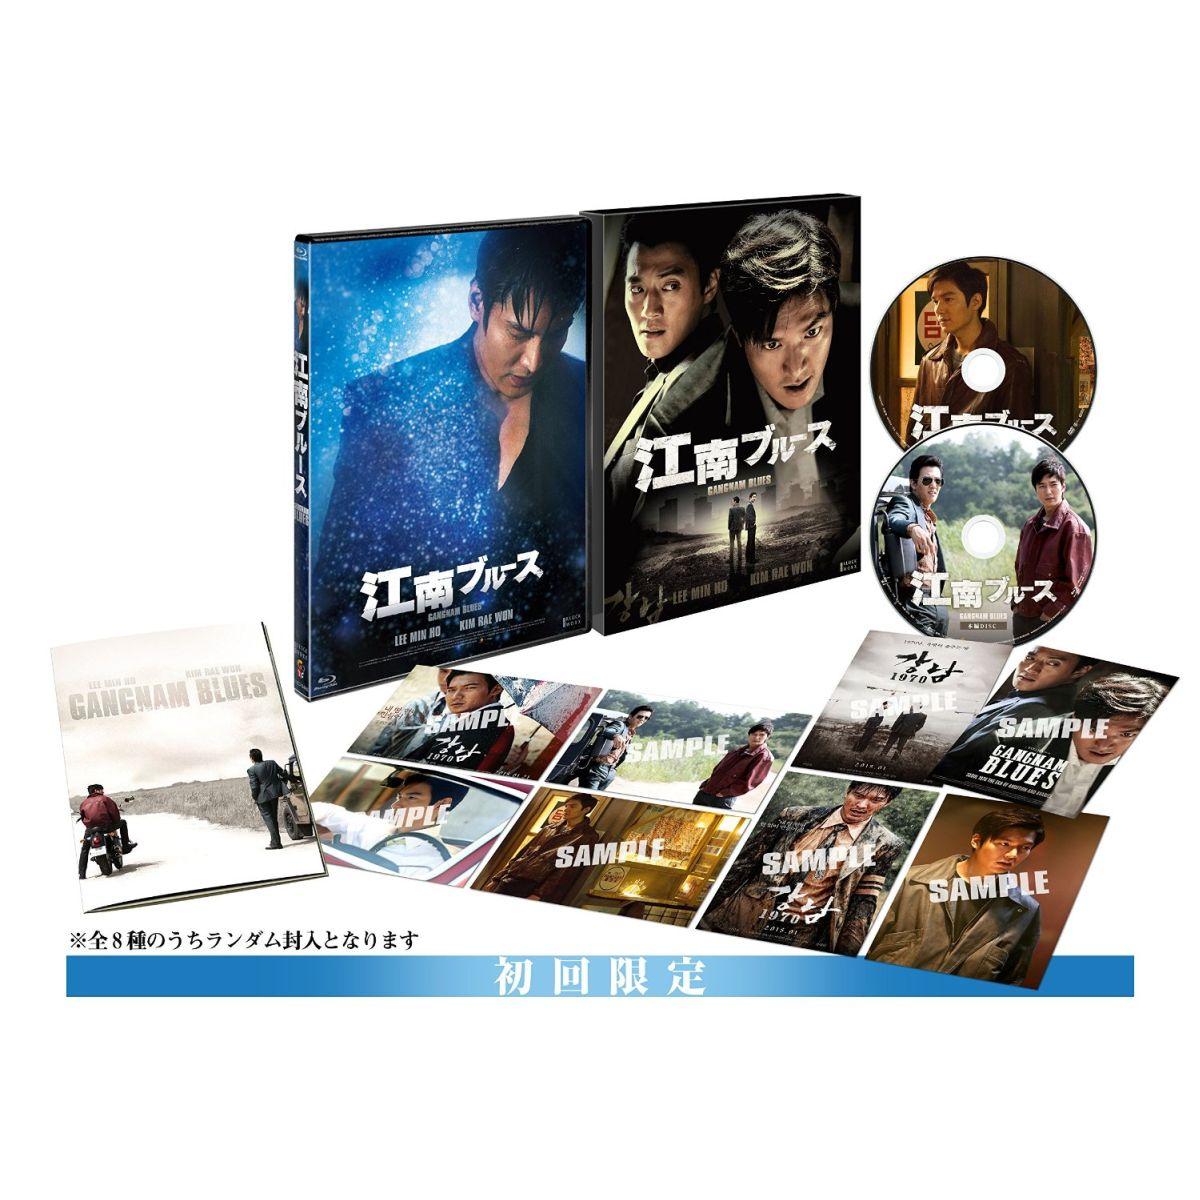 江南ブルース 豪華版 Blu-ray BOX[TCBD-0529][Blu-ray/ブルーレイ] 製品画像